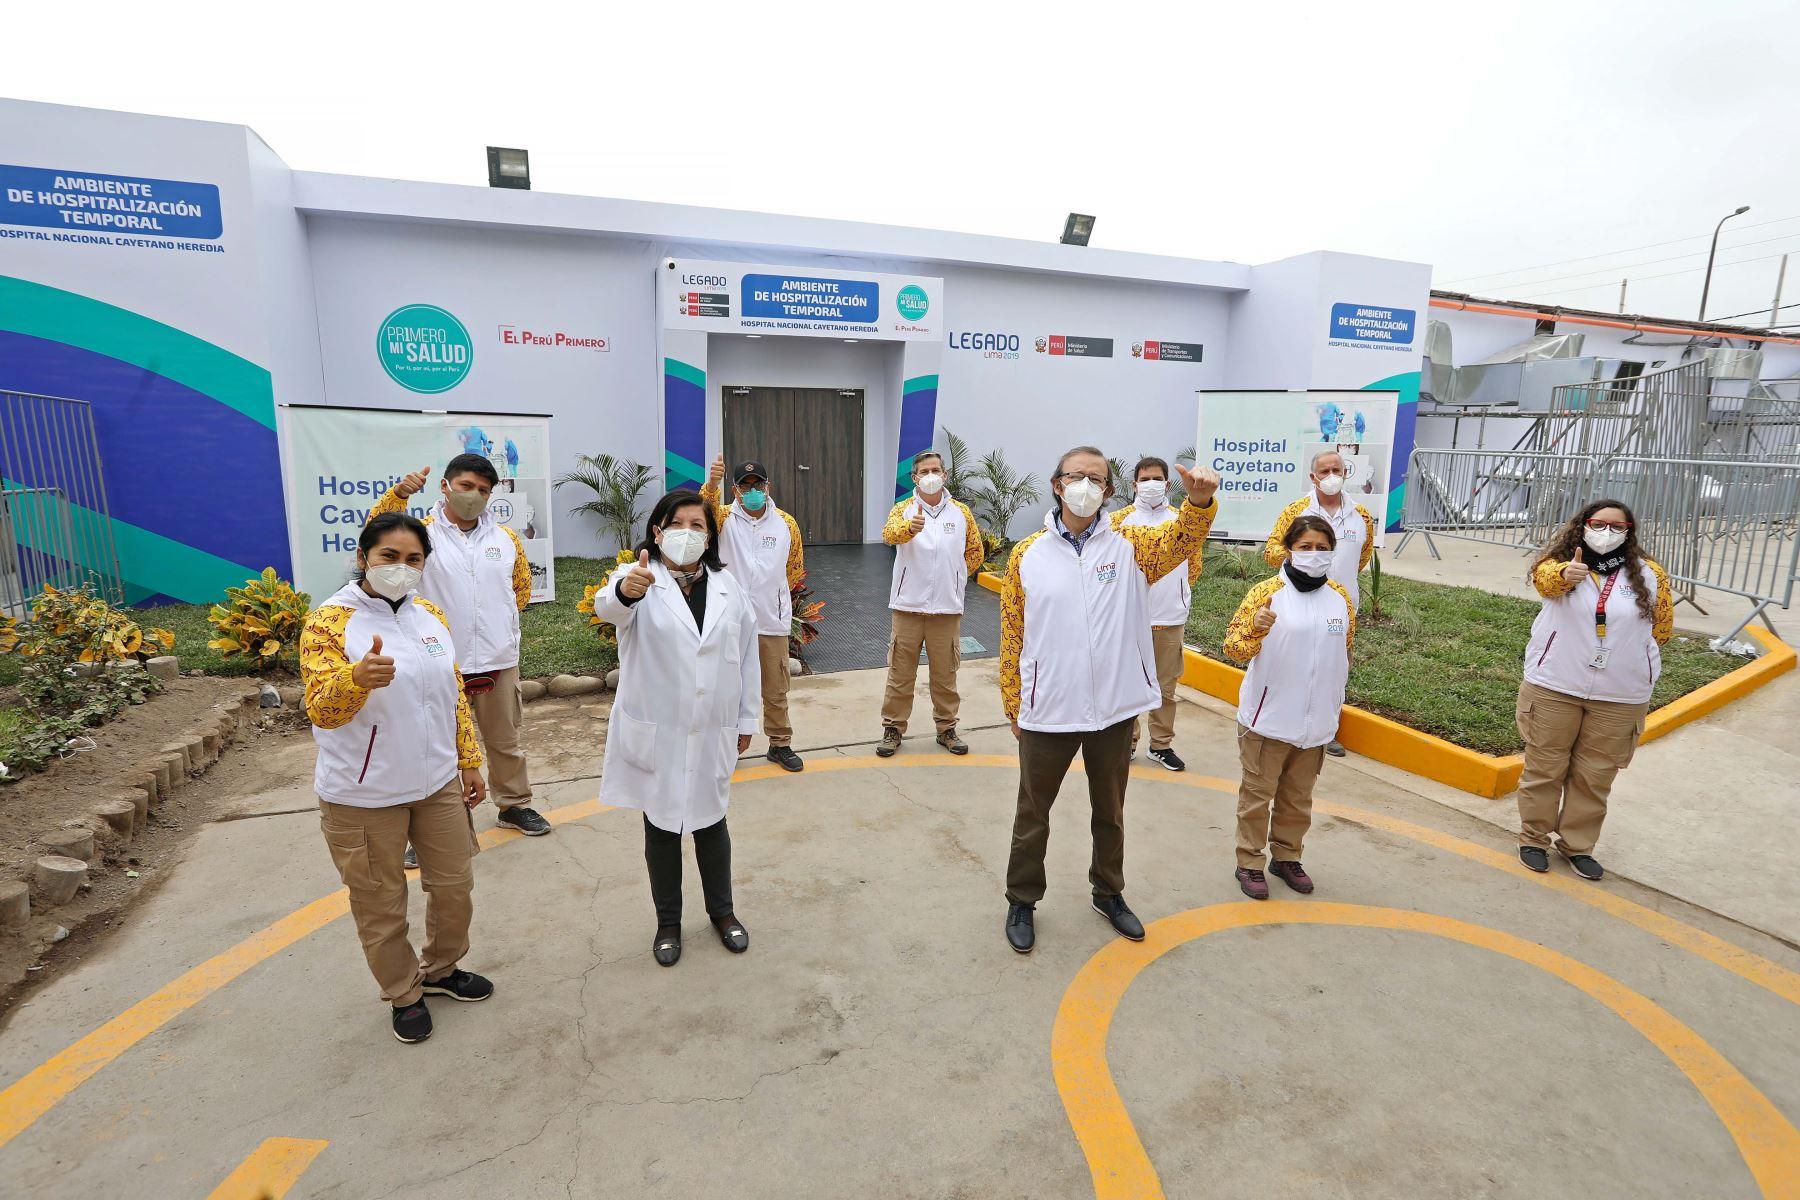 Este centro de atención se ha construido con infraestructura temporal en el interior del hospital Cayetano Heredia, ubicado en el distrito de San Martín de Porres. ANDINA/Legado Lima 2019